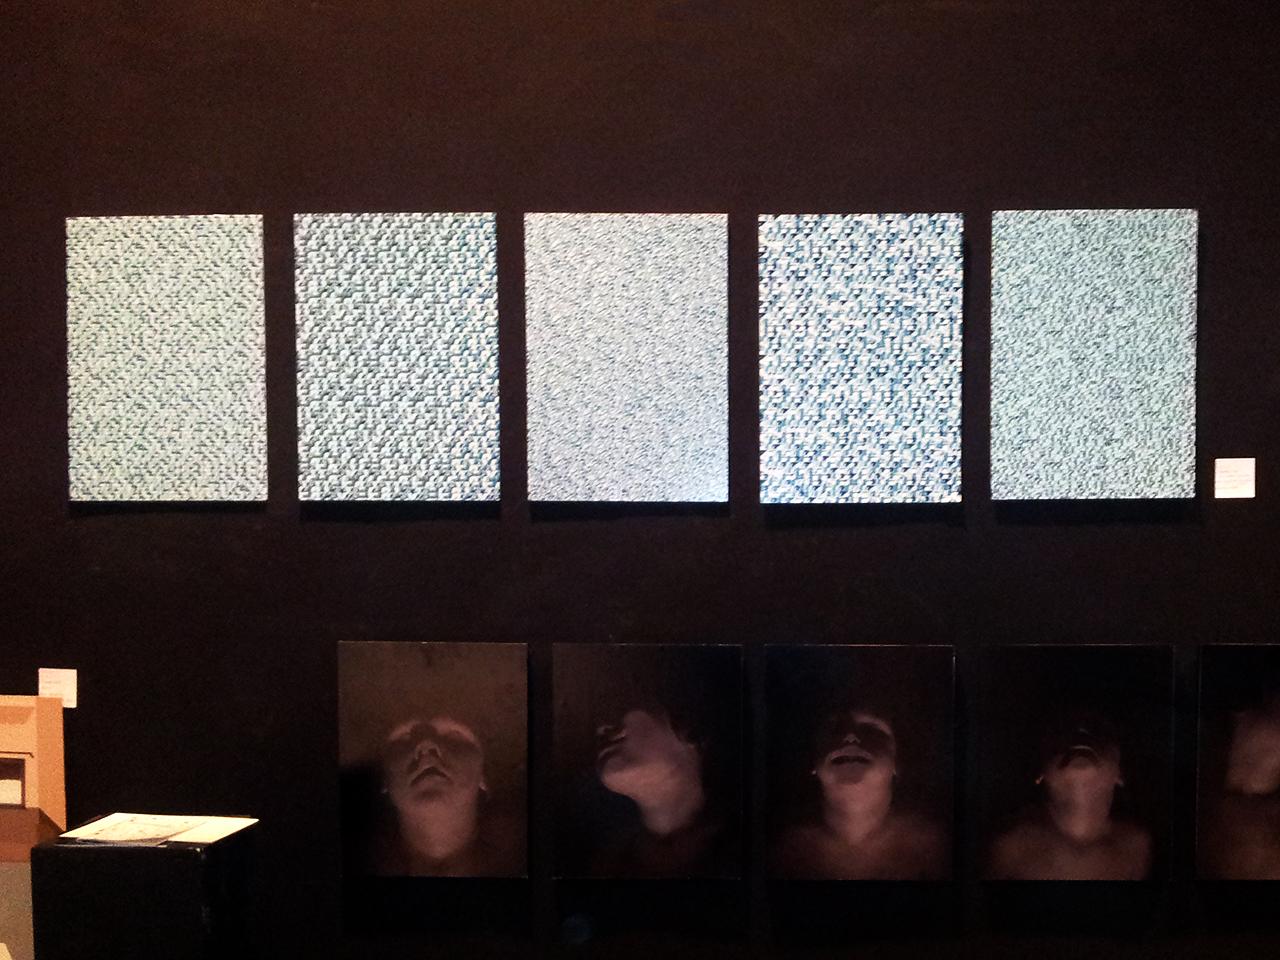 Horrortapete in der Ausstellung in FH Dortmund